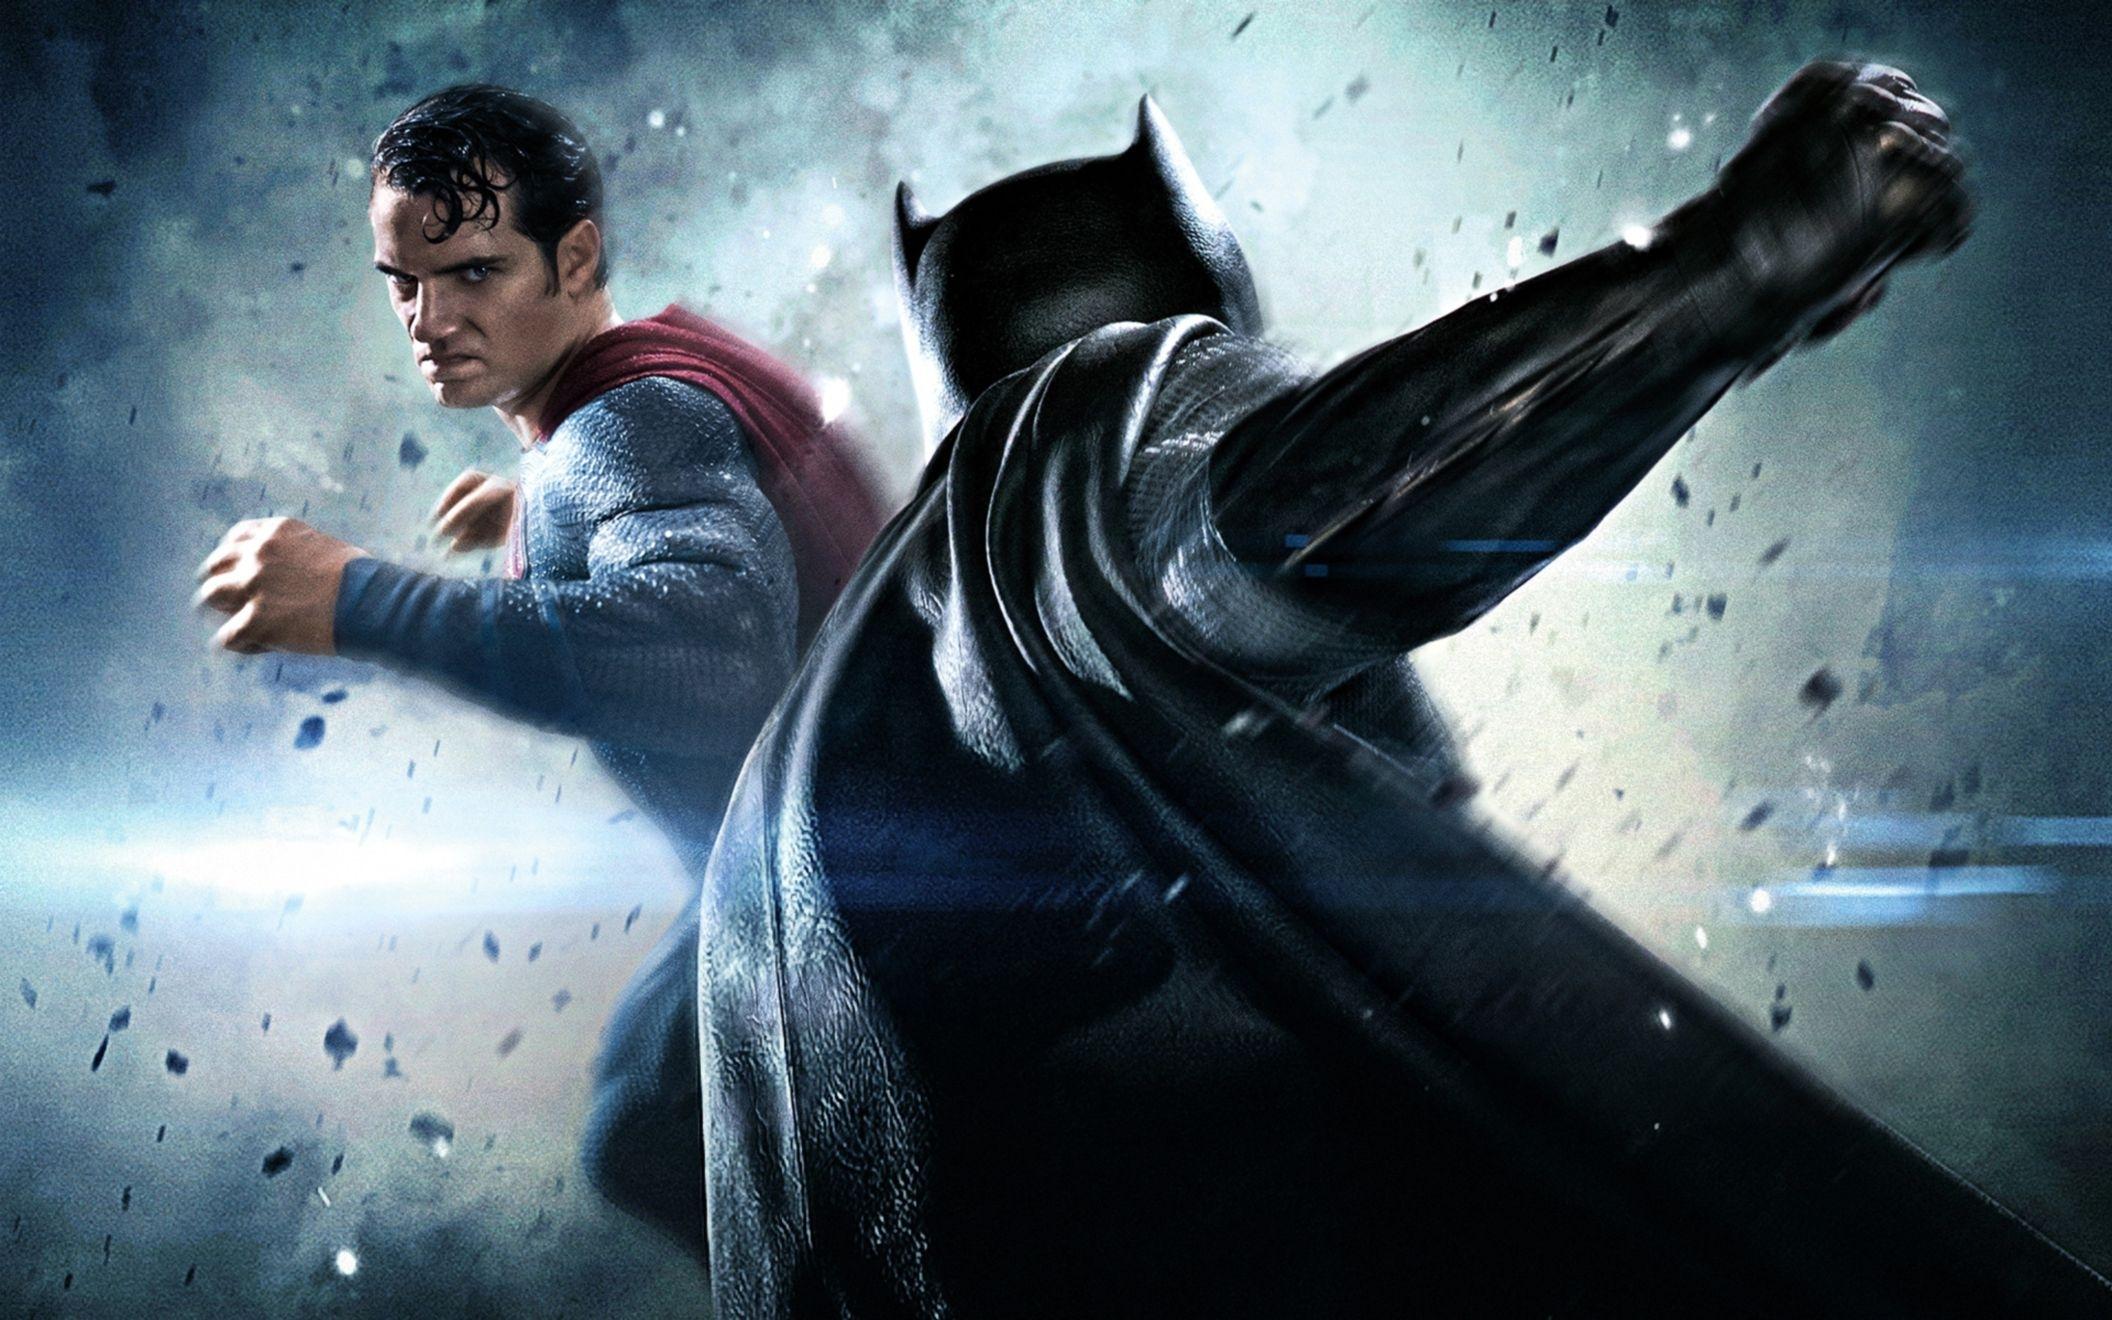 batman v superman dawn of justice new wide wallpaper: desktop hd